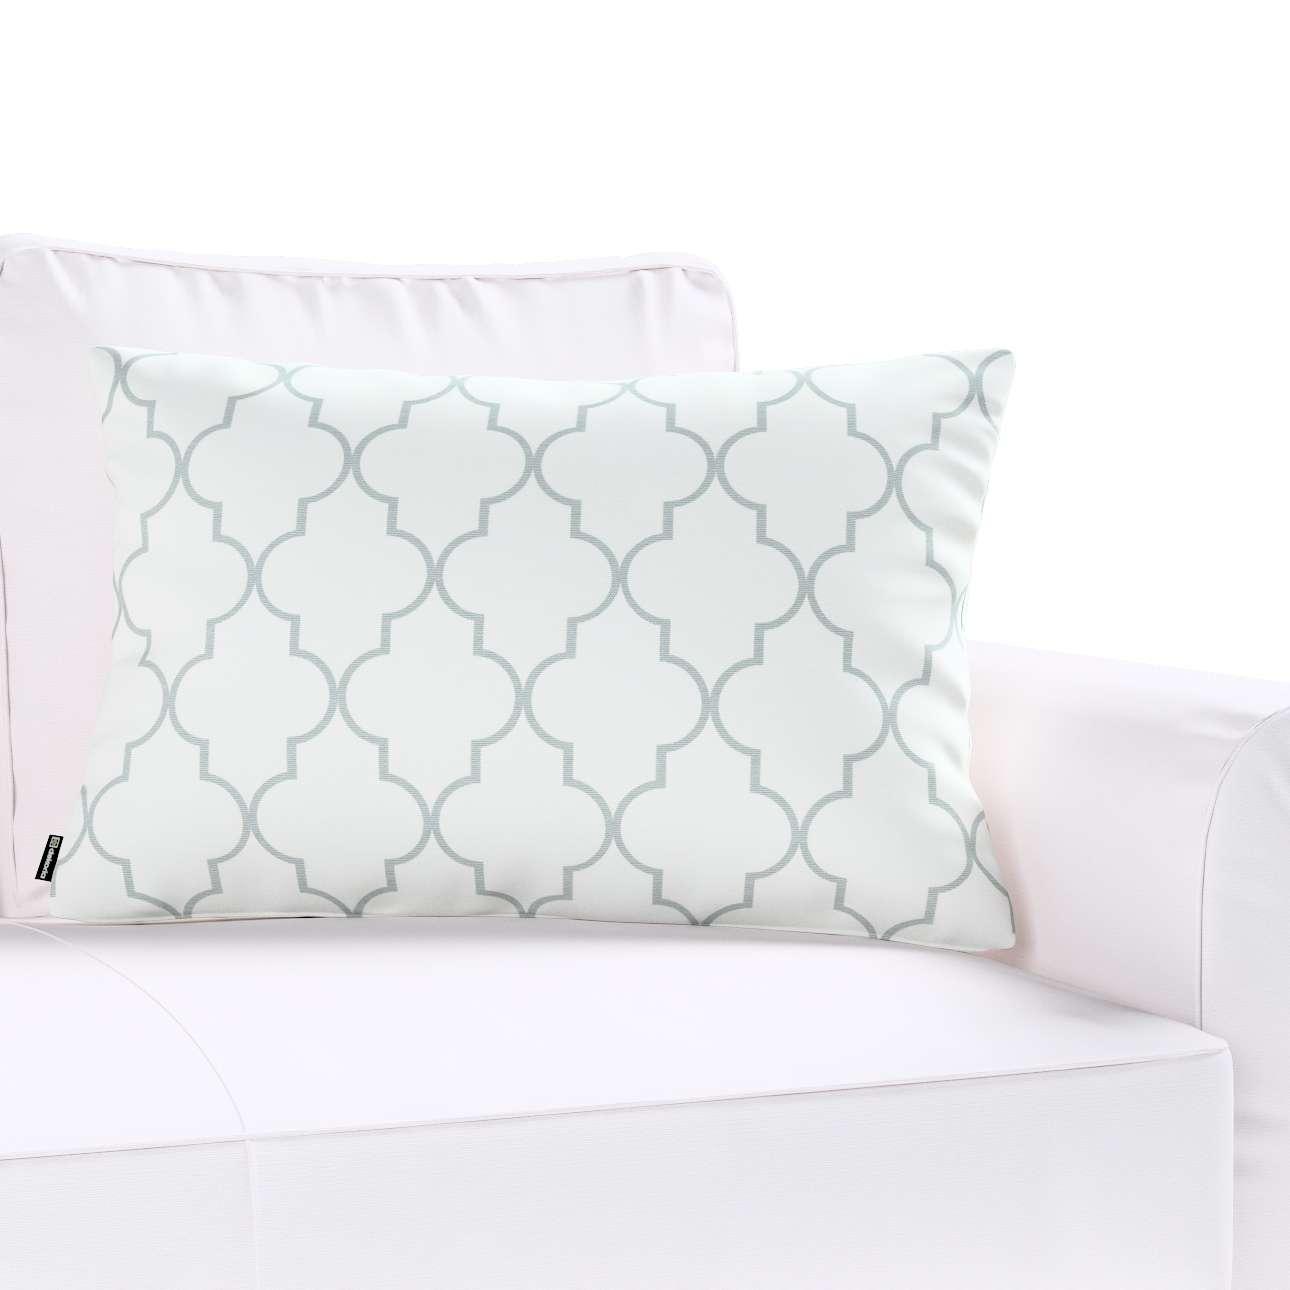 Kinga dekoratyvinės pagalvėlės užvalkalas 60x40cm 60x40cm kolekcijoje Comics Prints, audinys: 137-85